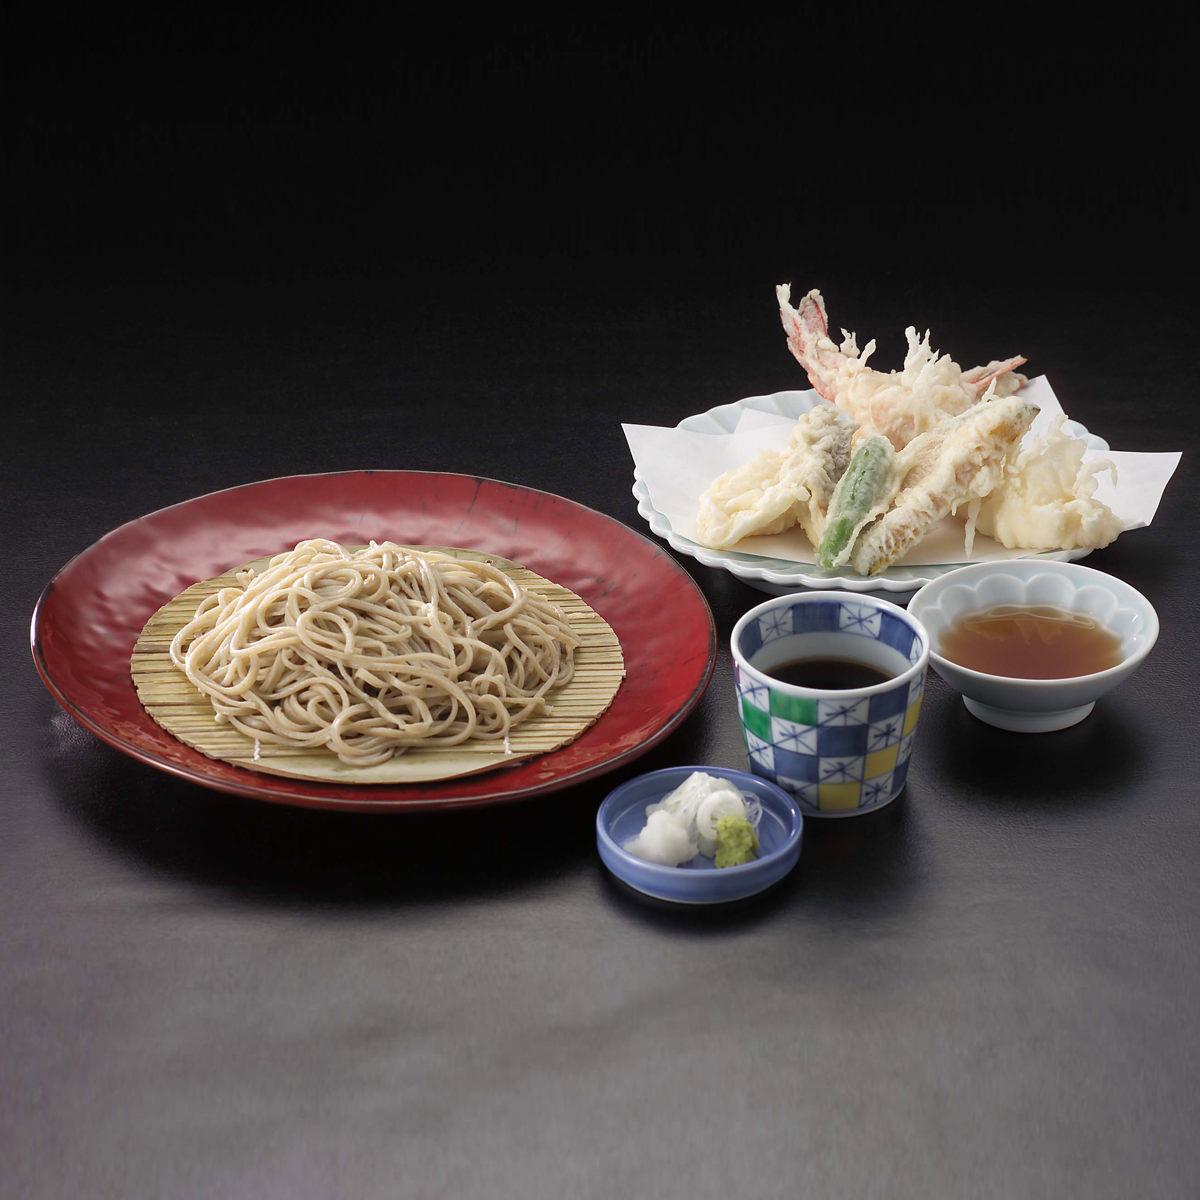 富士の湧水冷凍手打式ゆで蕎麦8人前(つゆ付) 〔冷凍そば180g×8、つゆ180ml×4〕 山梨県 日本そば 手打そばやまさと